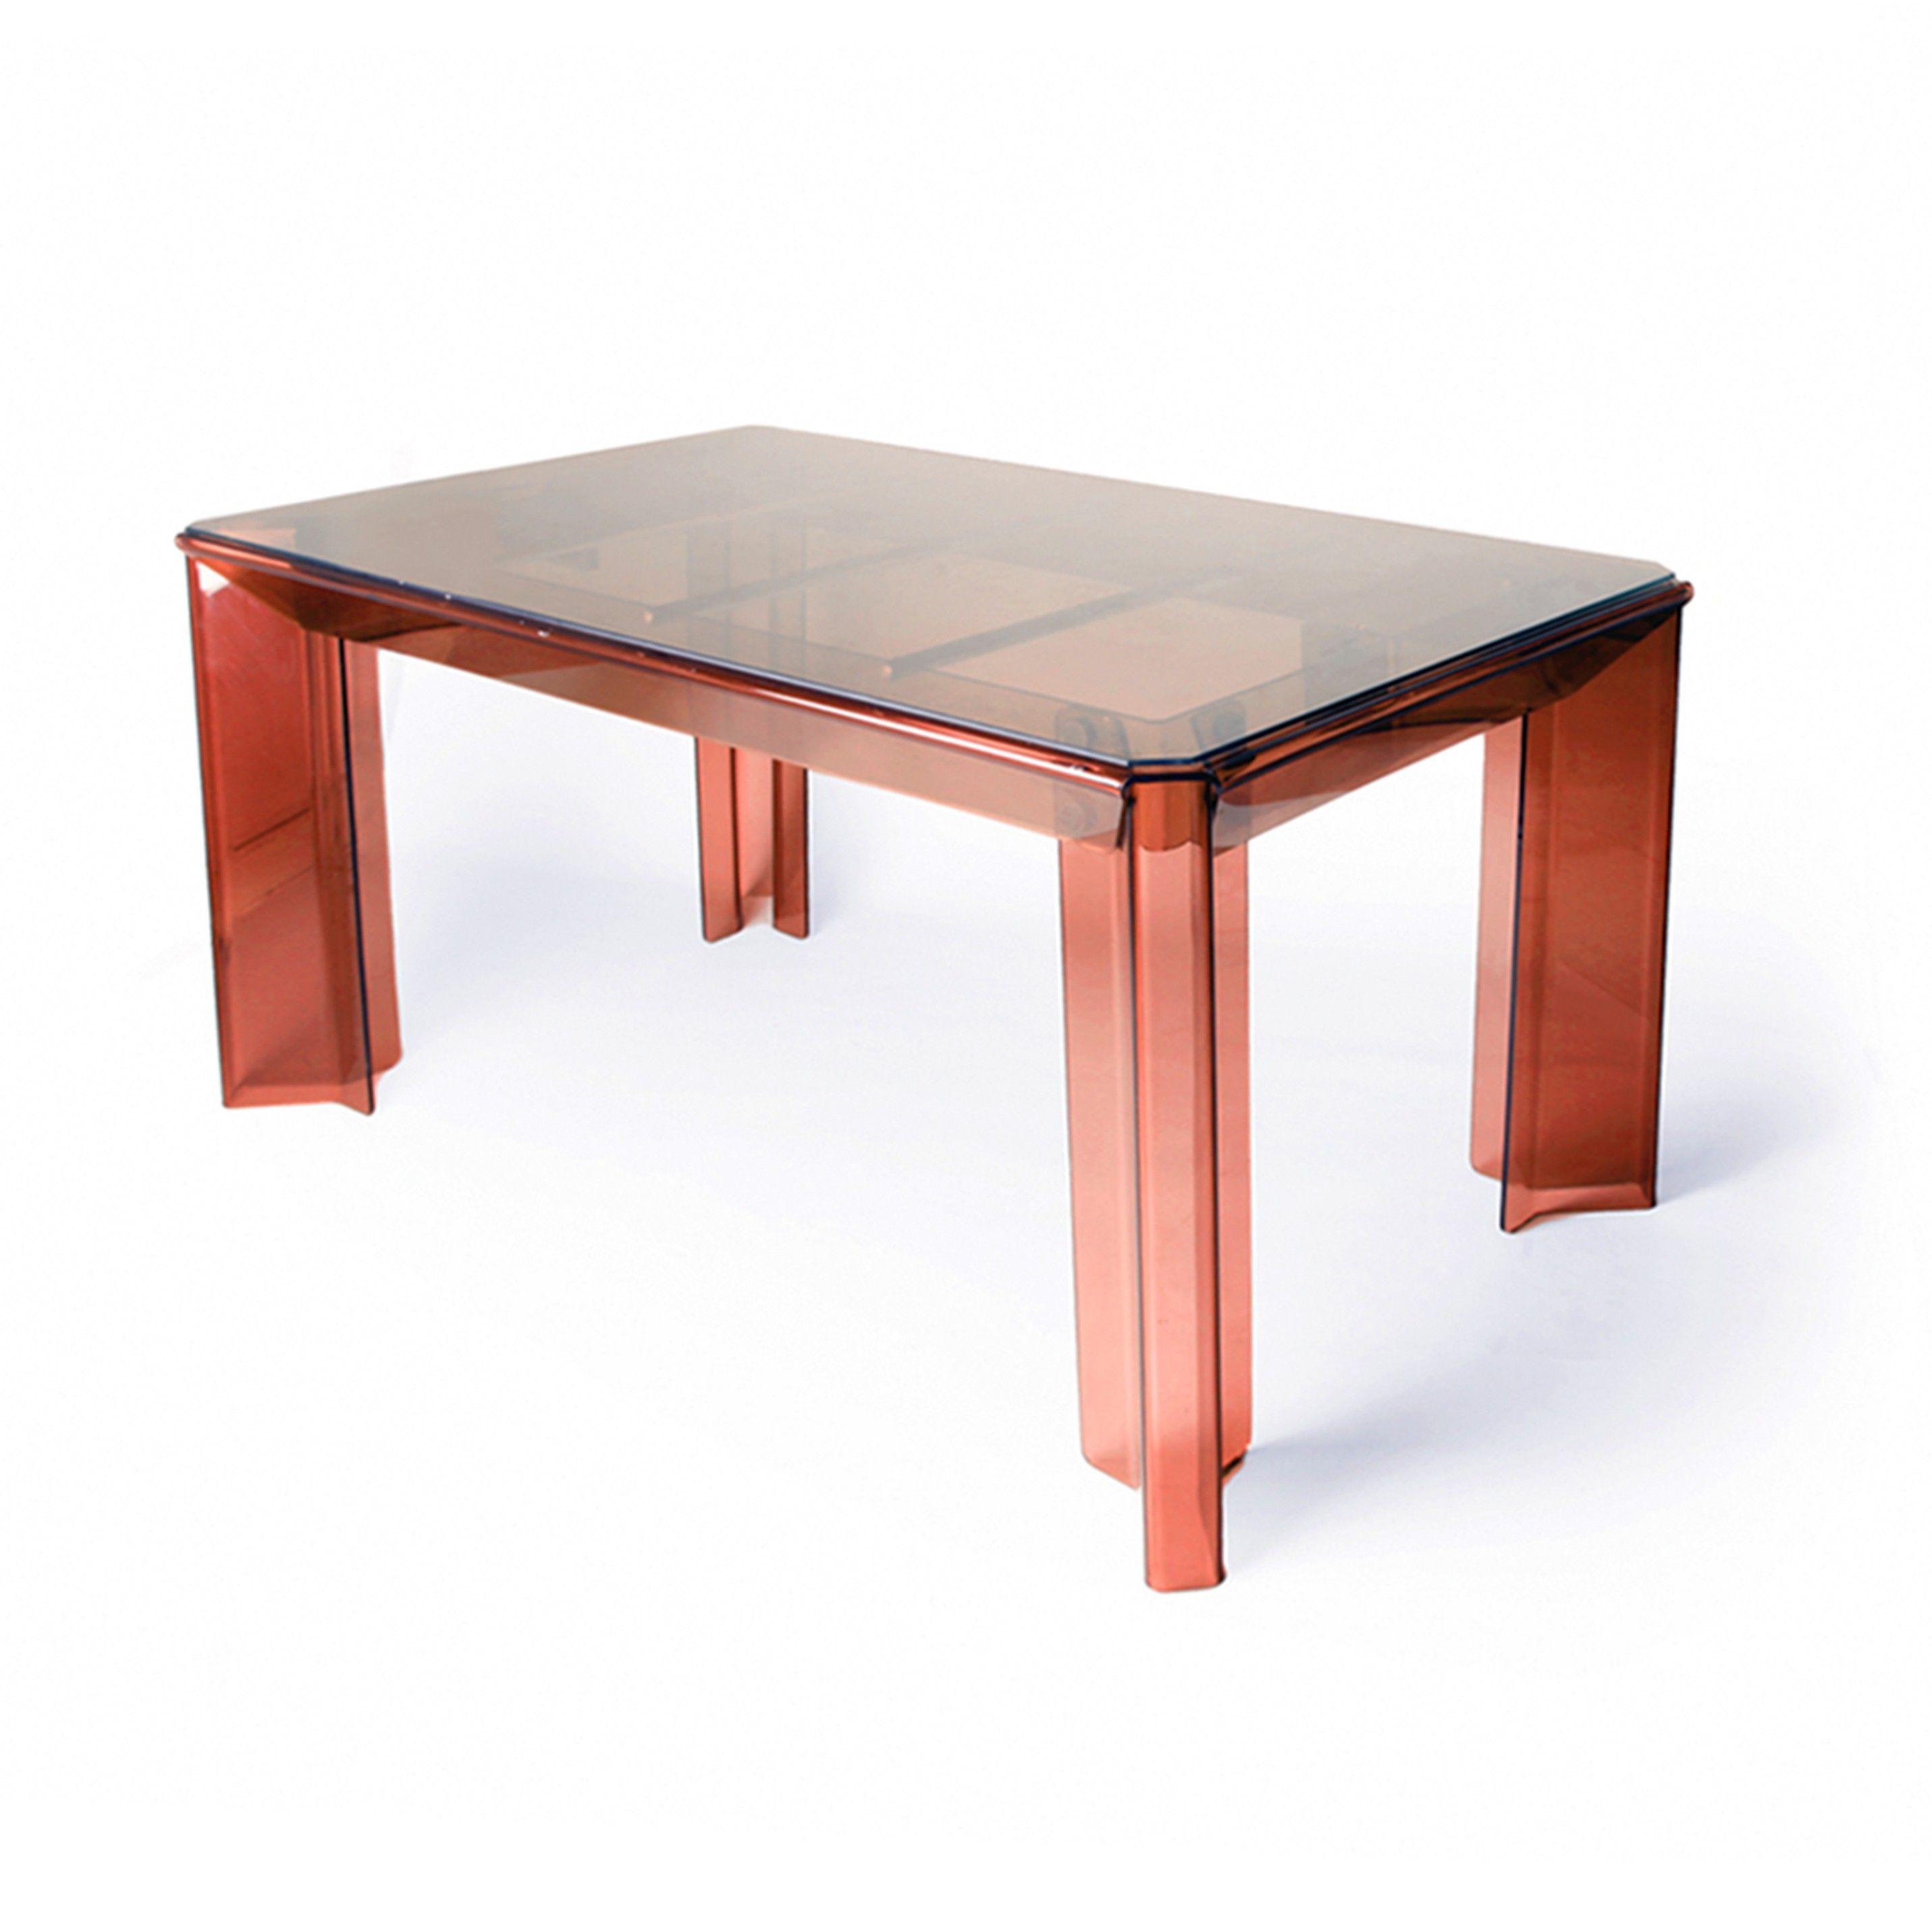 table et chaises uniques en plexiglas fum par michel ducaroy avec des accessoires chroms et plexiglas orange conception trs moderne la table a un - Table Et Chaise Moderne